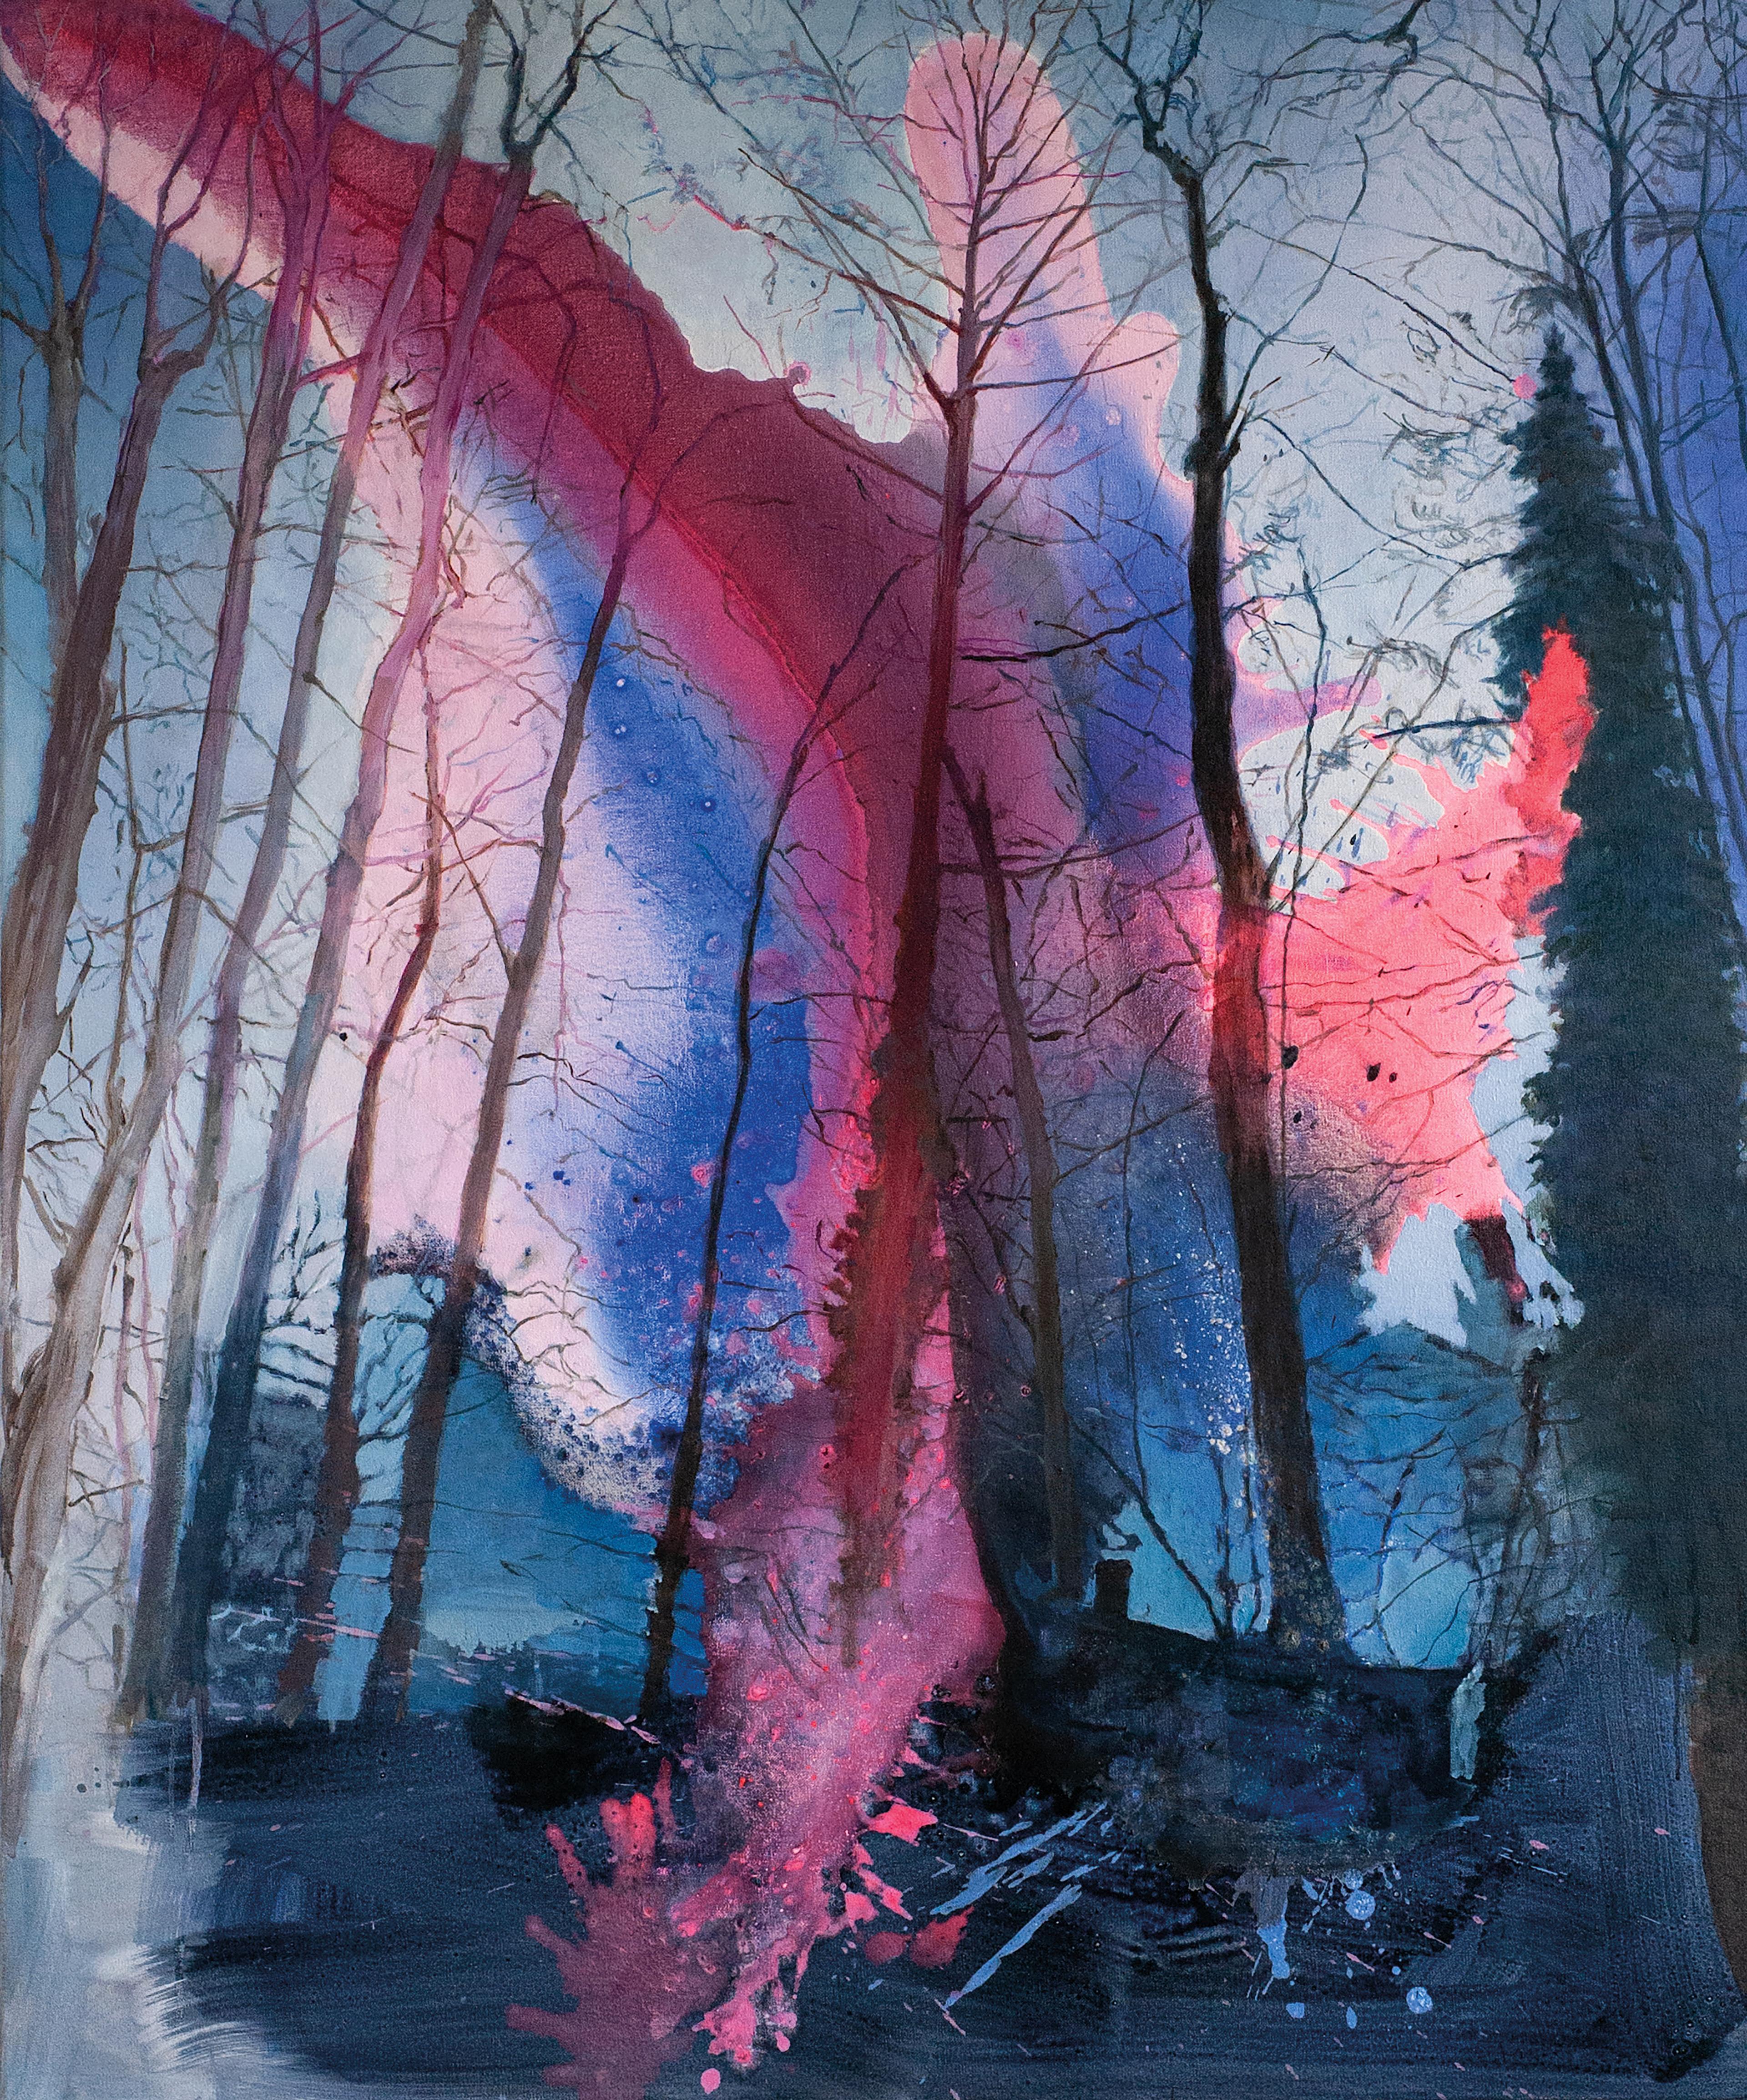 artwork Blitz by Birgit Klerch